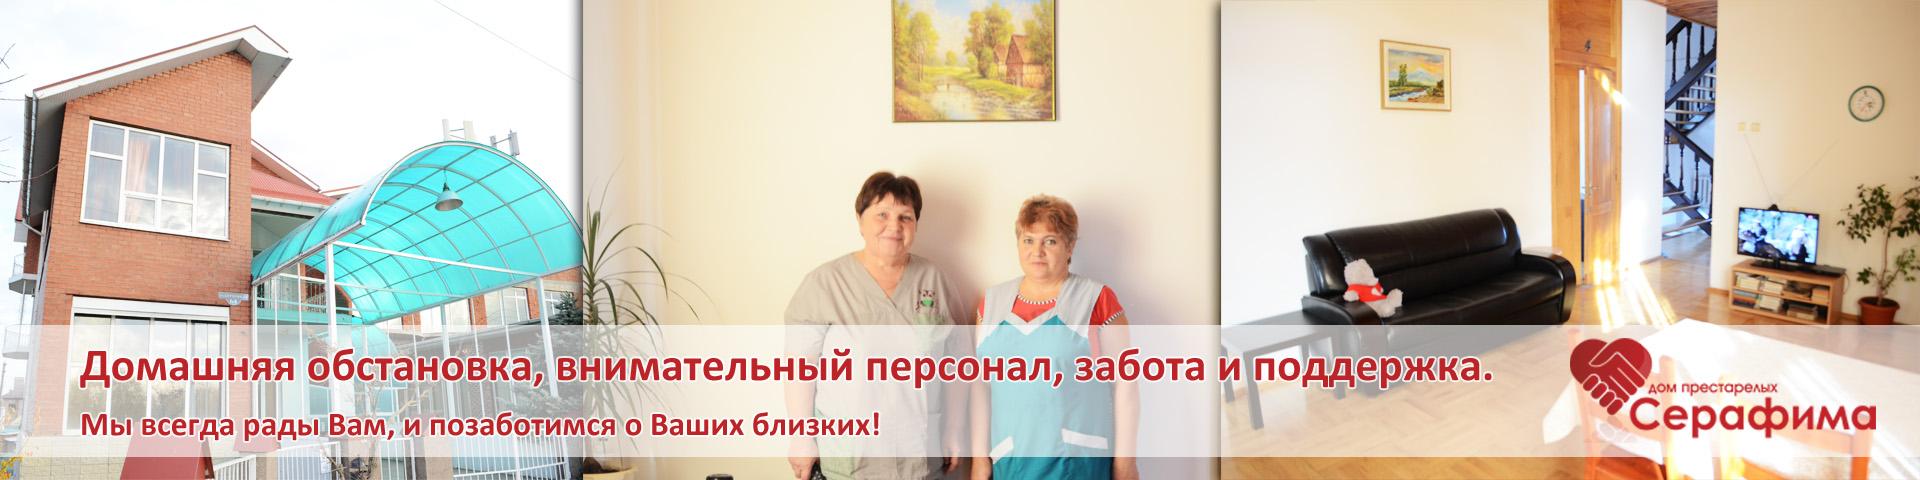 """Дом престарелых """"Серафима"""""""